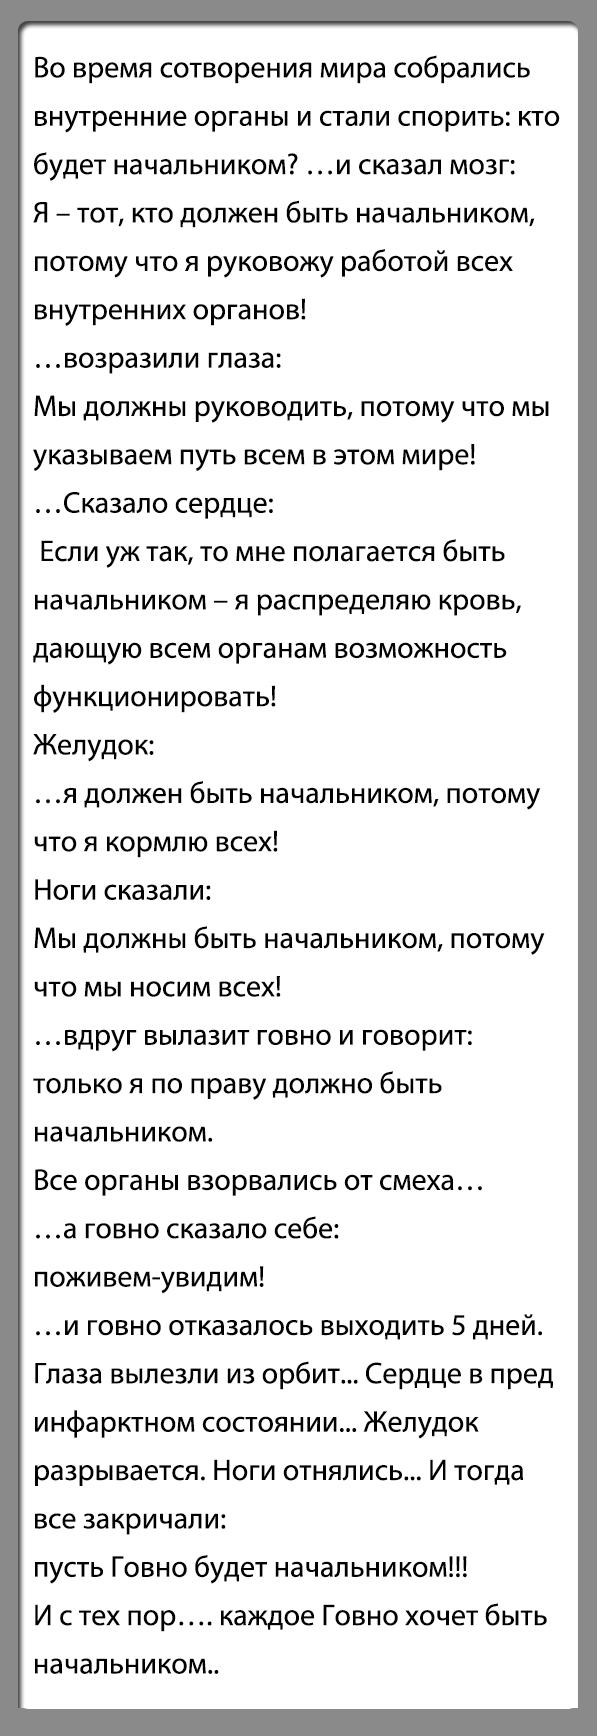 """Анекдот """"Собрание внутренних органов"""""""